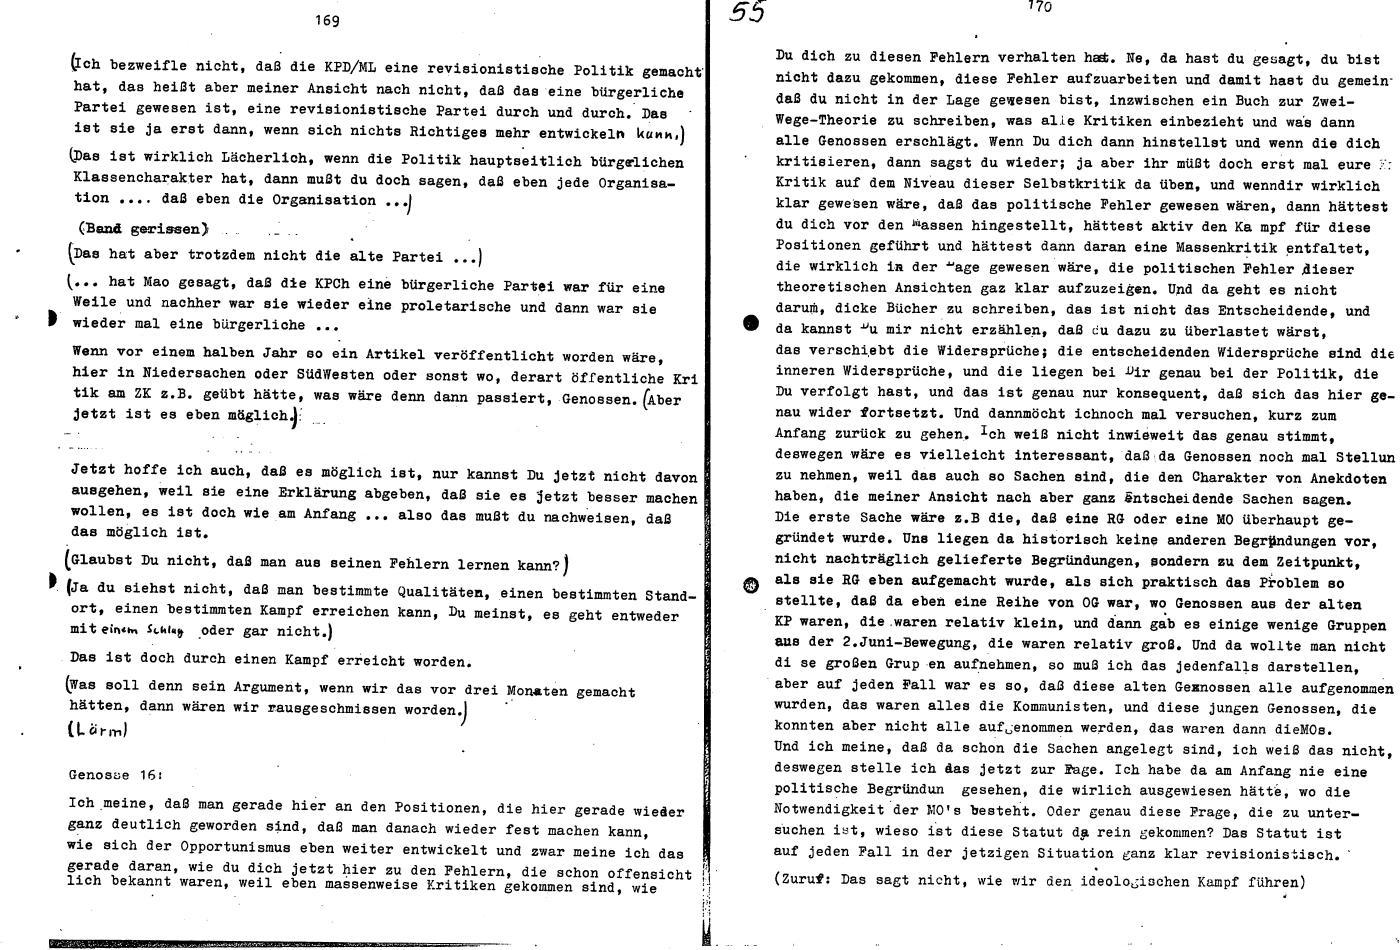 KPDML_1971_Wortprotokolle_aoPt_103